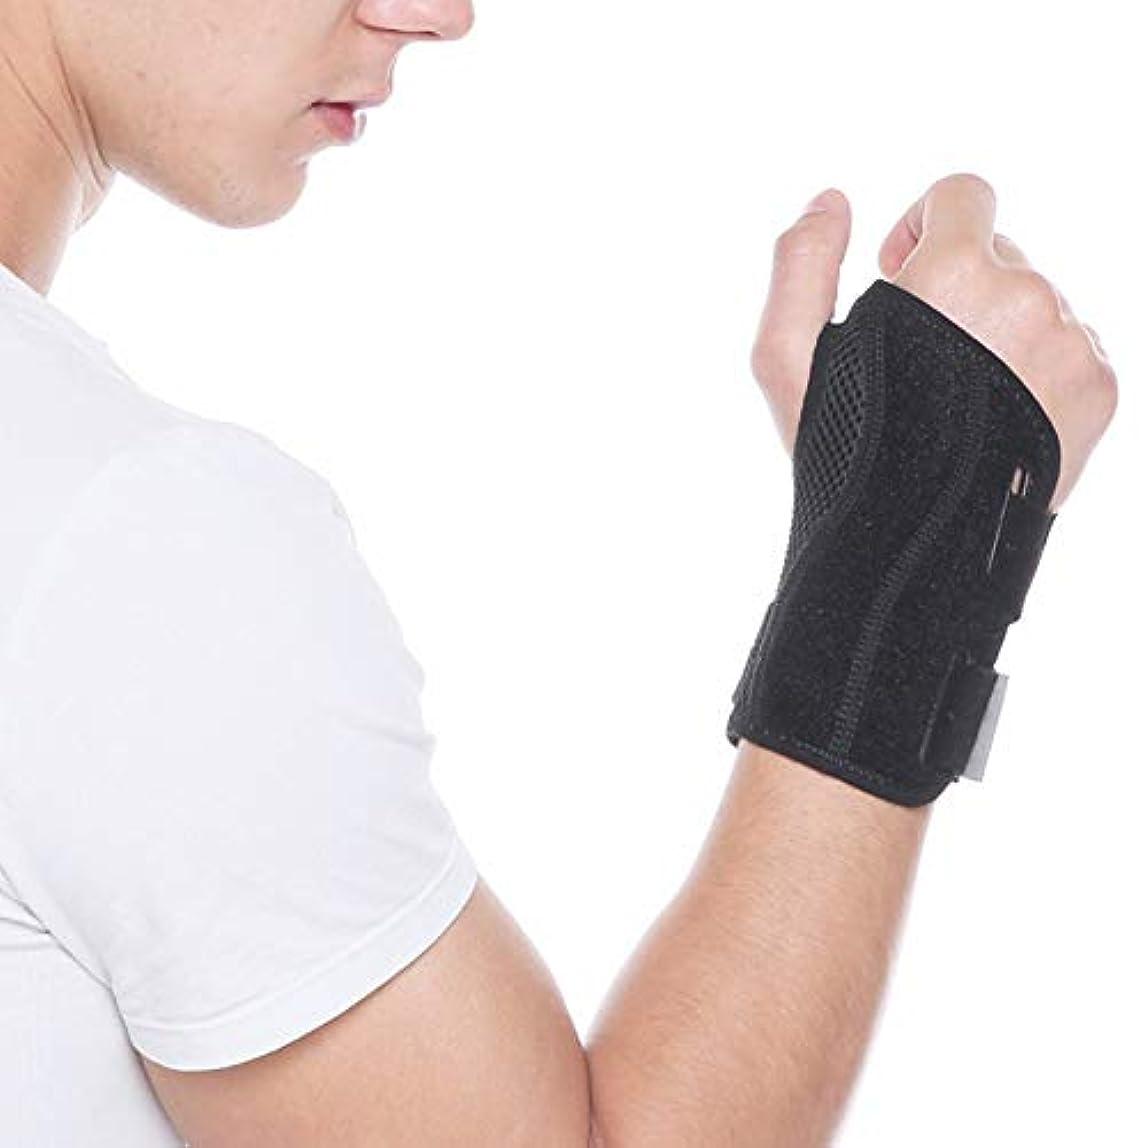 ジャーナルトリップ心臓手首のサポートの痛み手根管症候群は、右左手のための安定化のサポートを和らげます